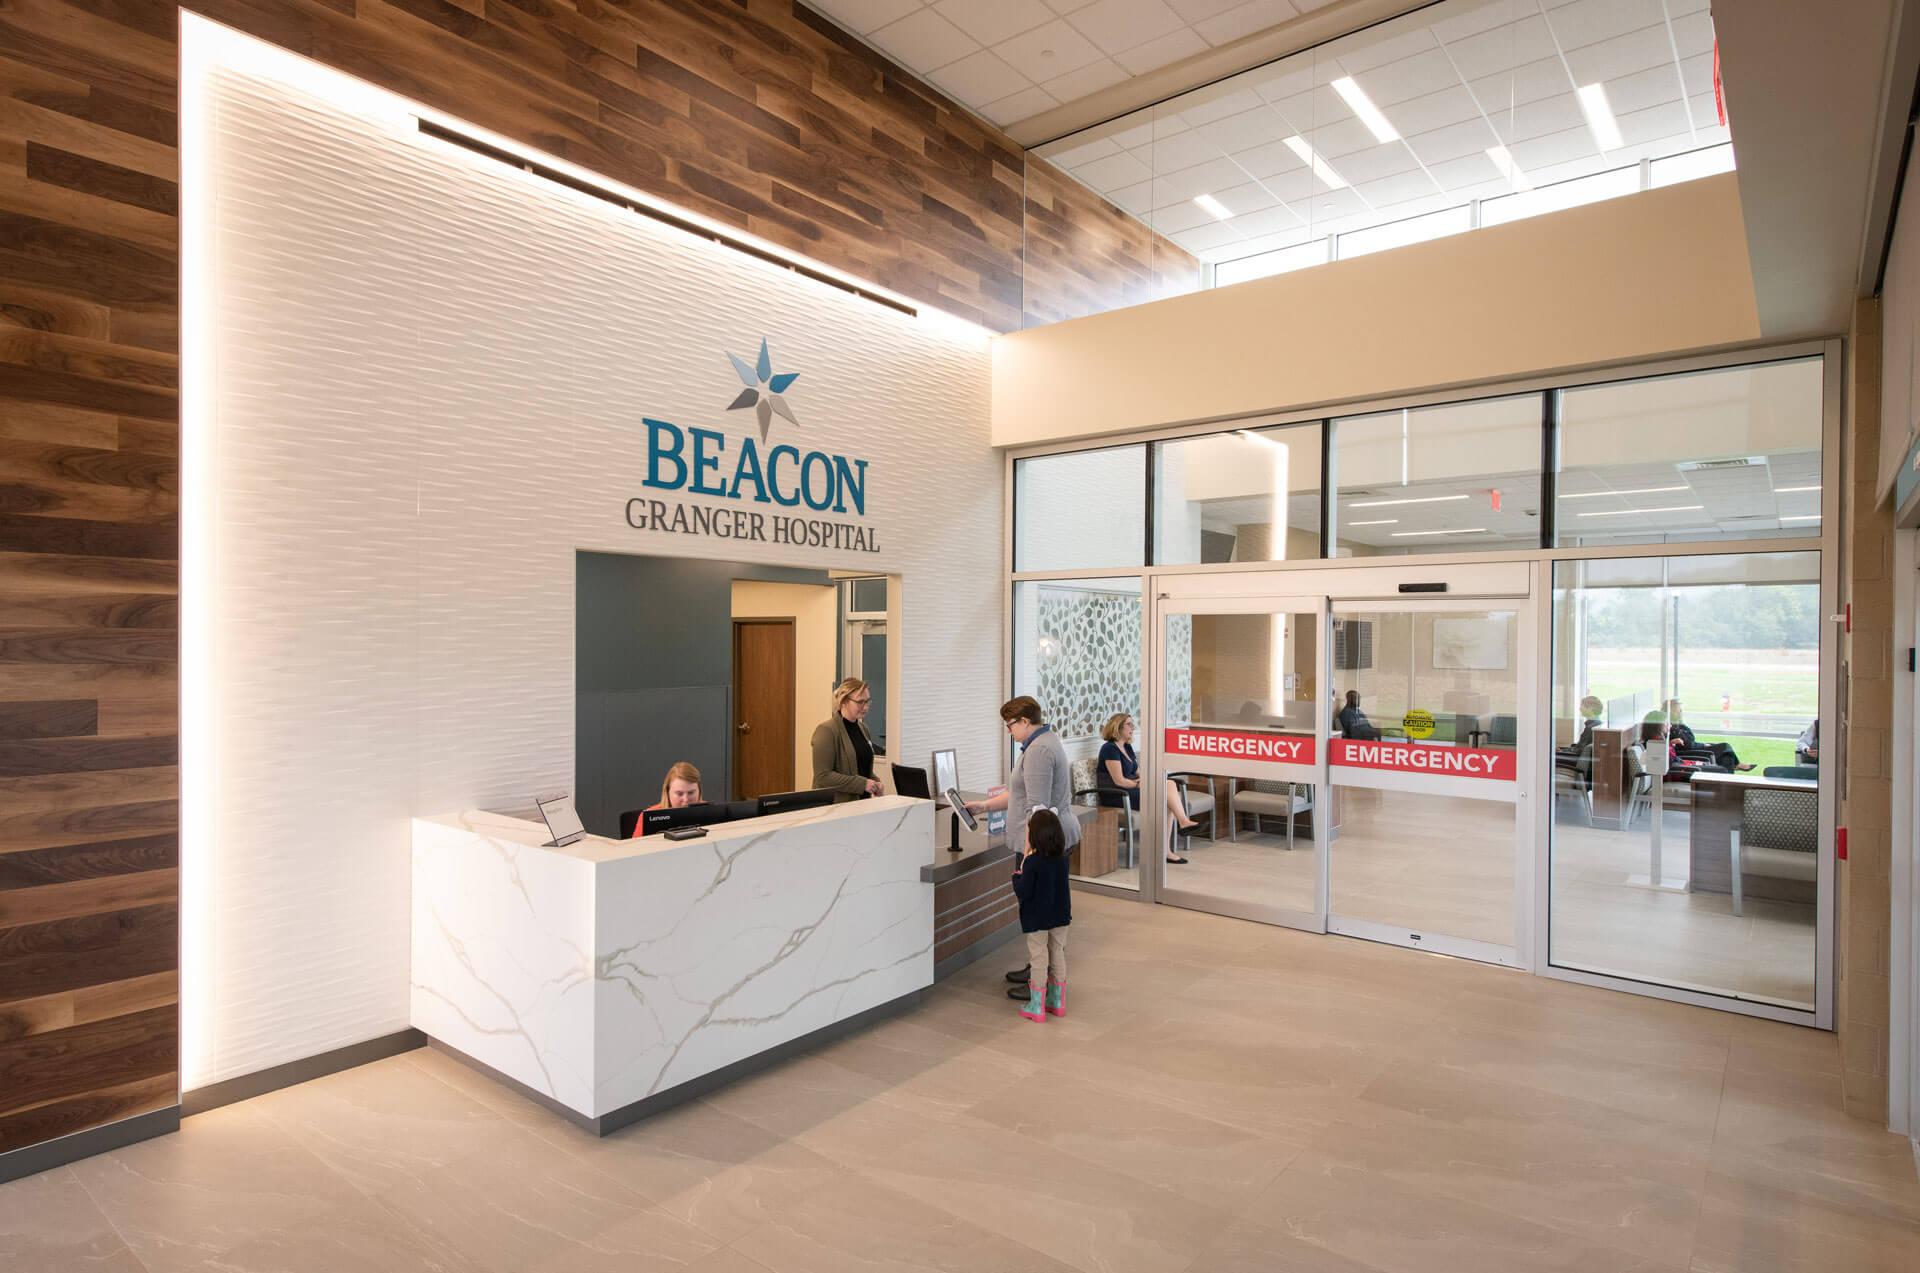 Beacon Granger Hospital